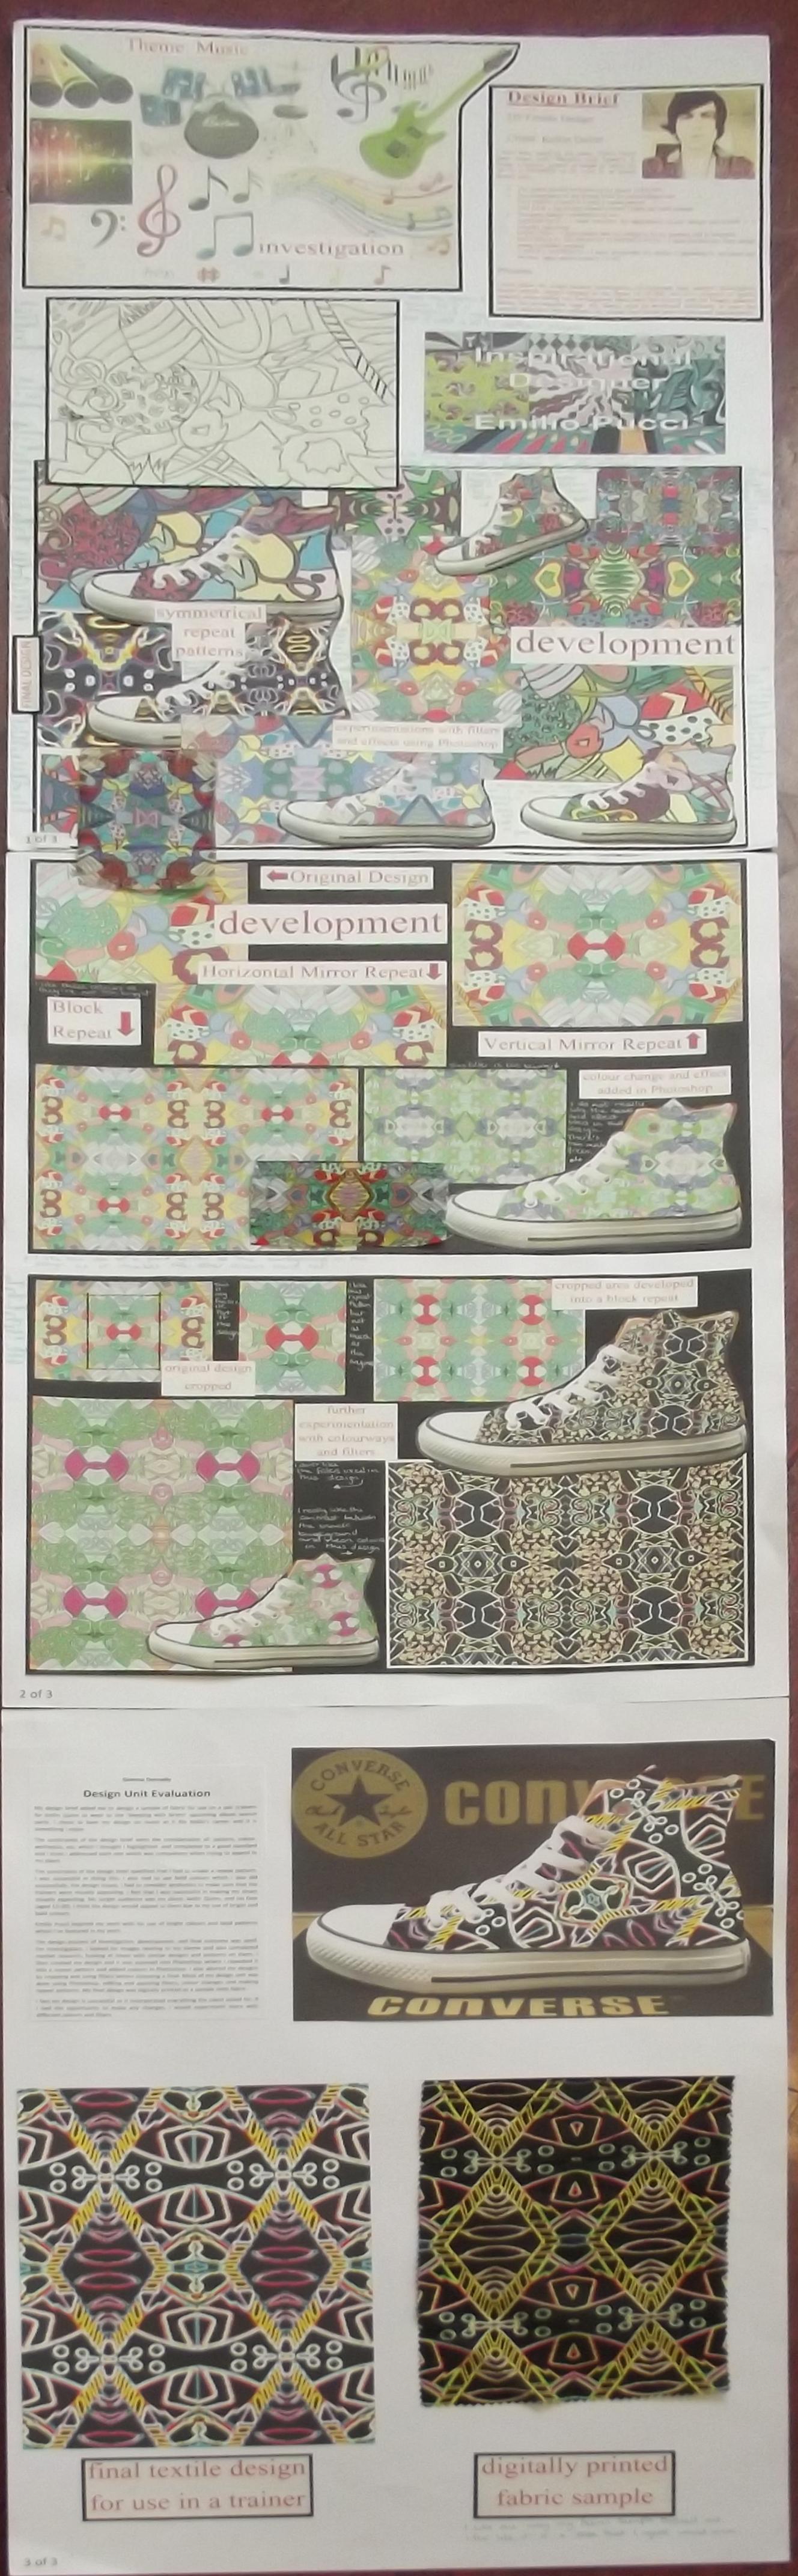 S4 National 5 Design Folio 2d Textile Design